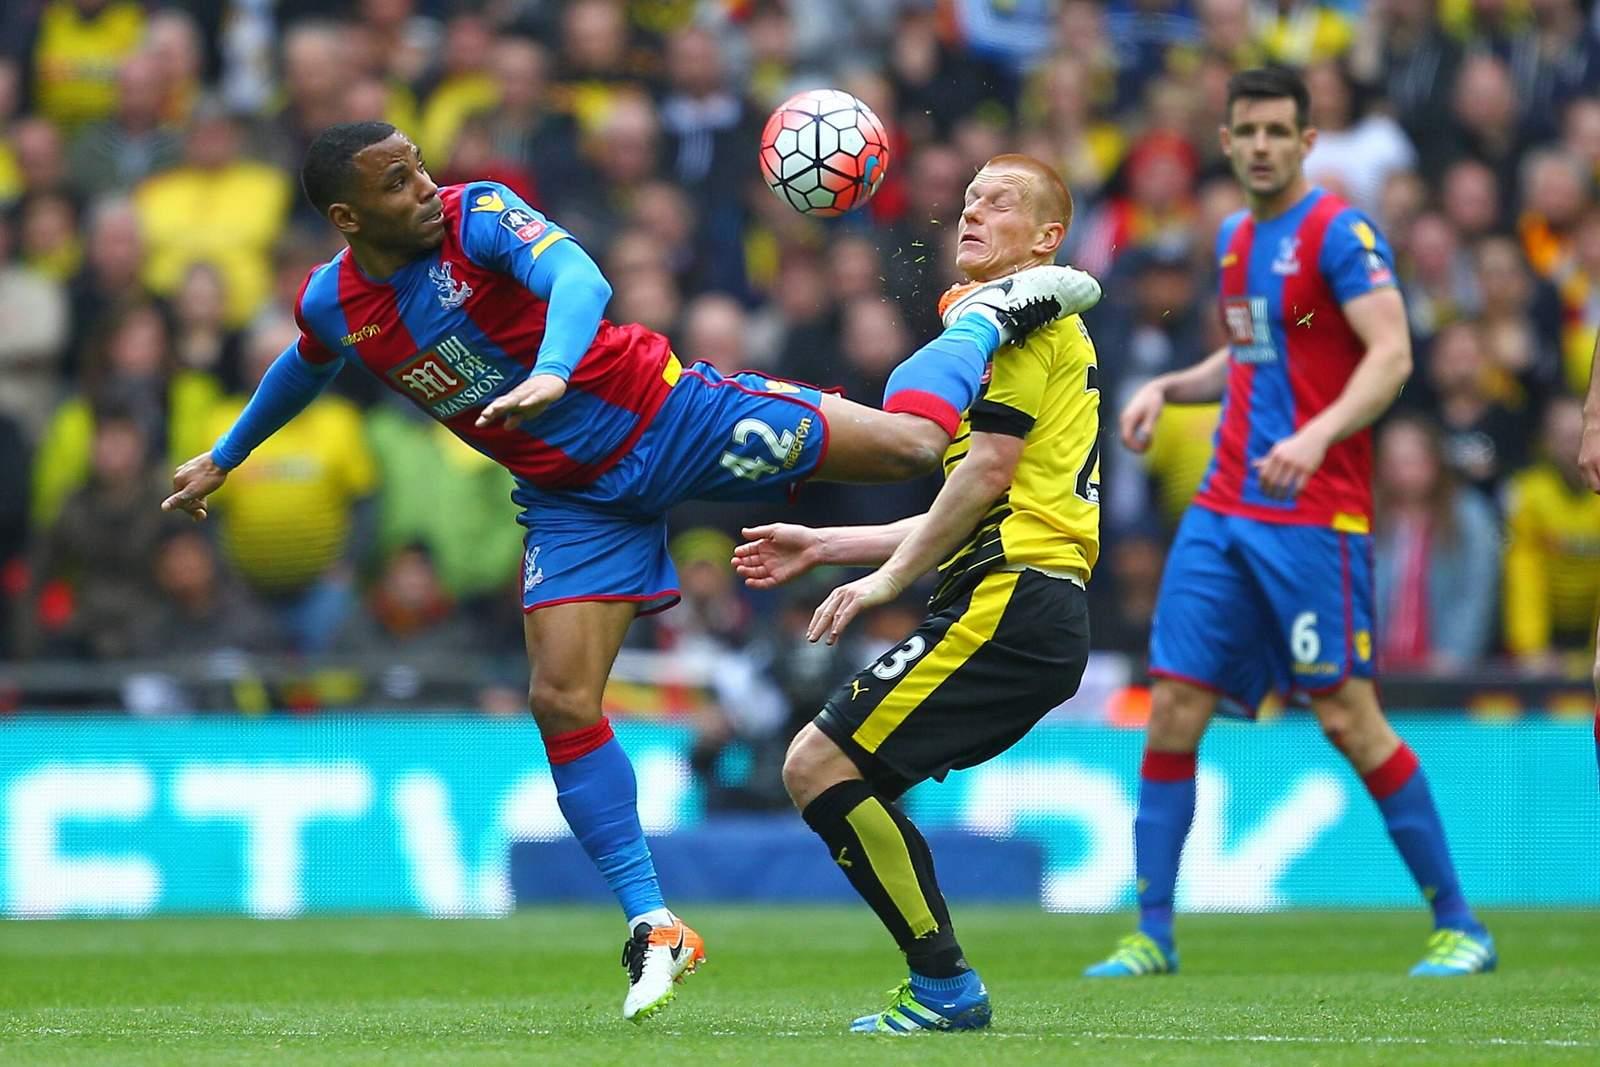 Setzt sich Puncheon gegen Watson durch? Jetzt auf Watford gegen Crystal Palace wetten